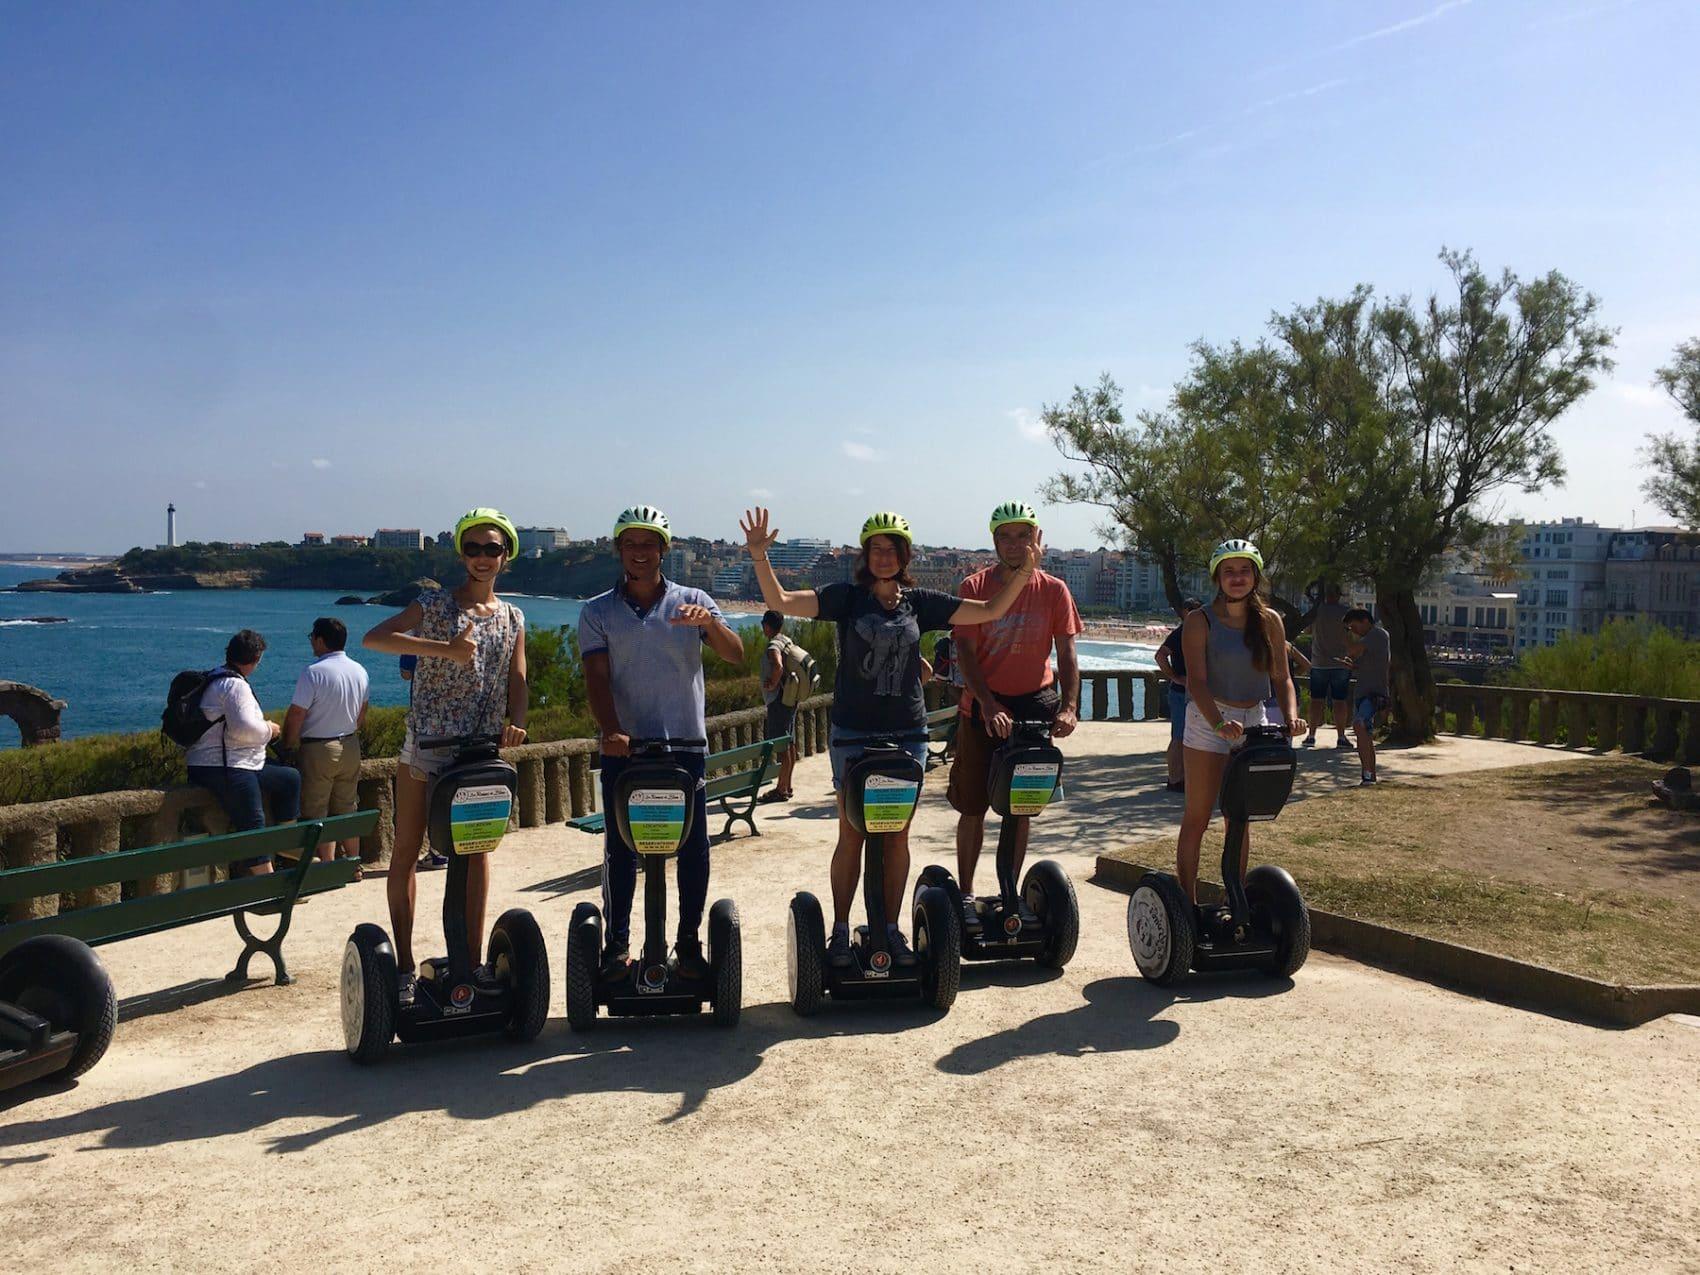 visite-biarritz-les)roues-de-lilou - copie